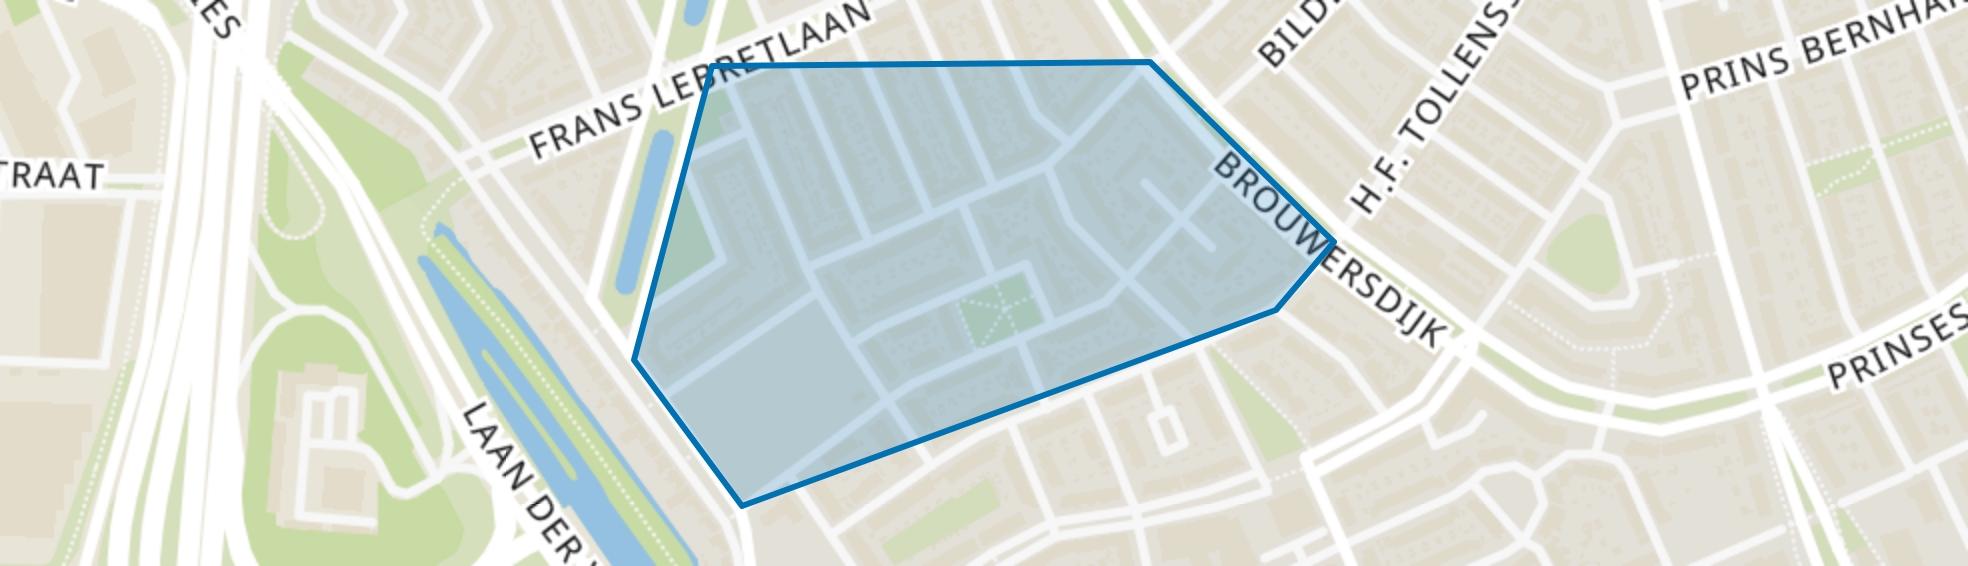 Breitnerstraat en omgeving, Dordrecht map